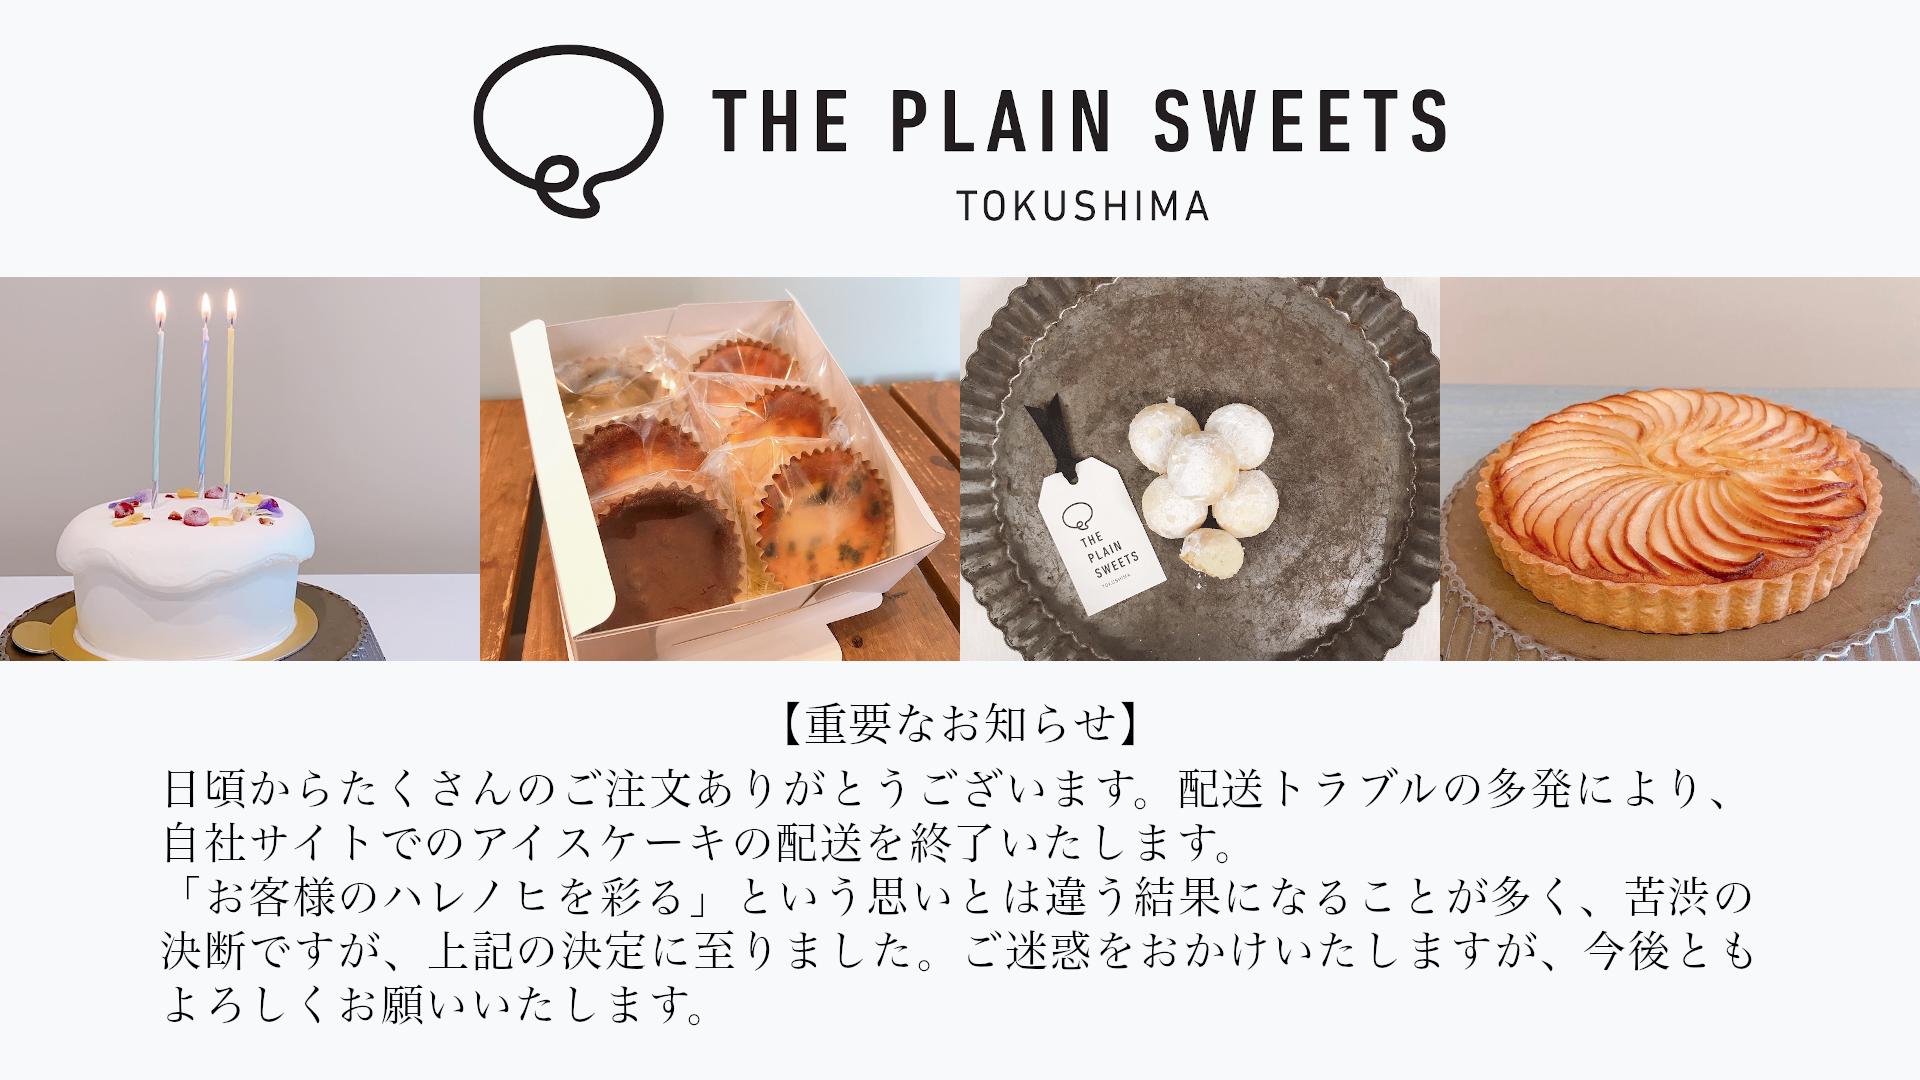 THE PLAIN SWEETS tokushima